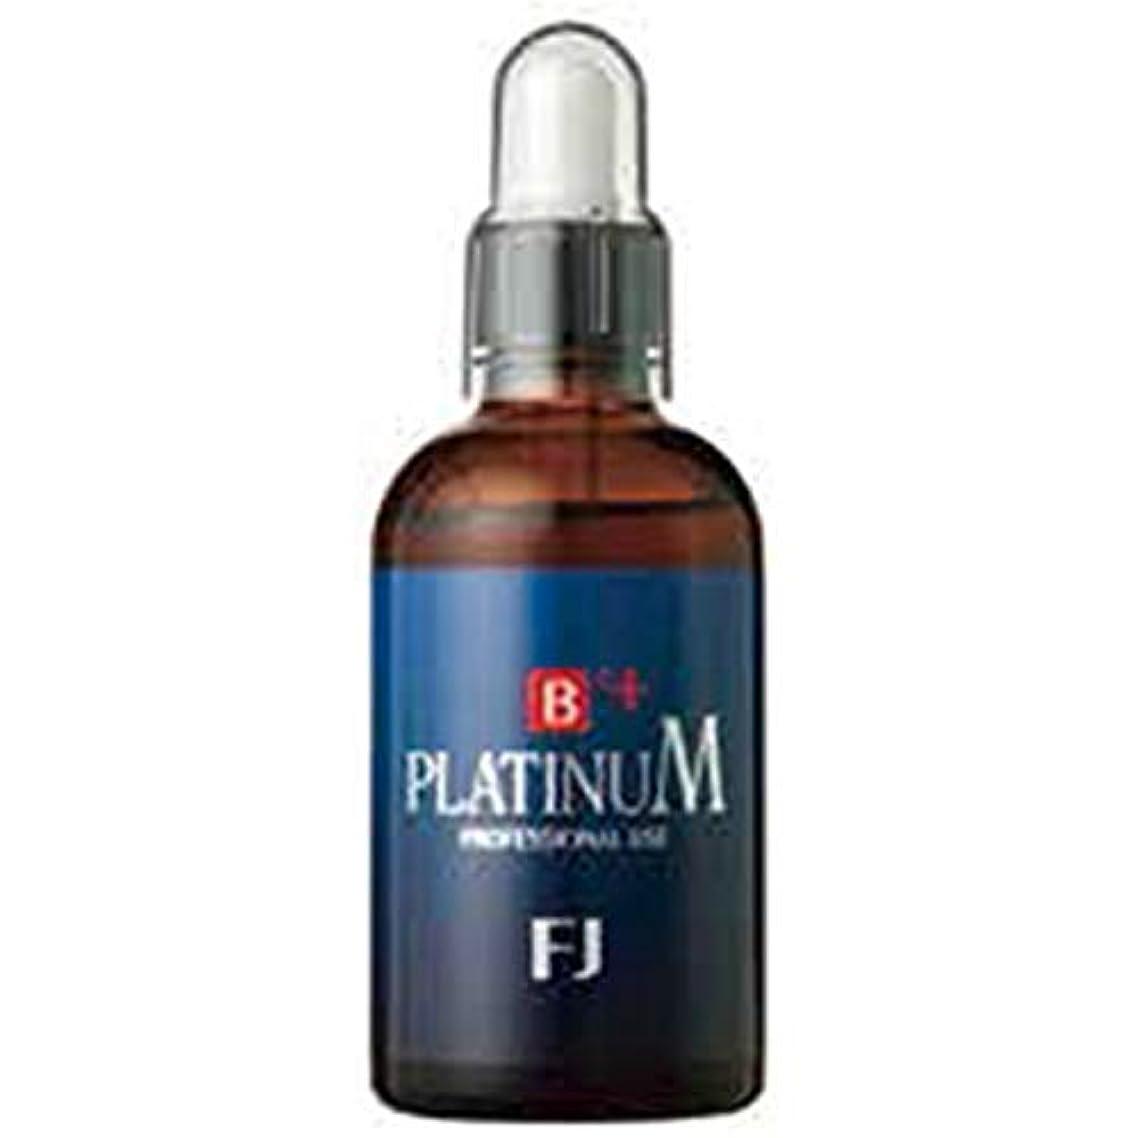 修復七時半猛烈な【ビューティー プラチナム】 PLATINUM B'+  フォスファチジルコリン20%高濃度美容液  :100ml